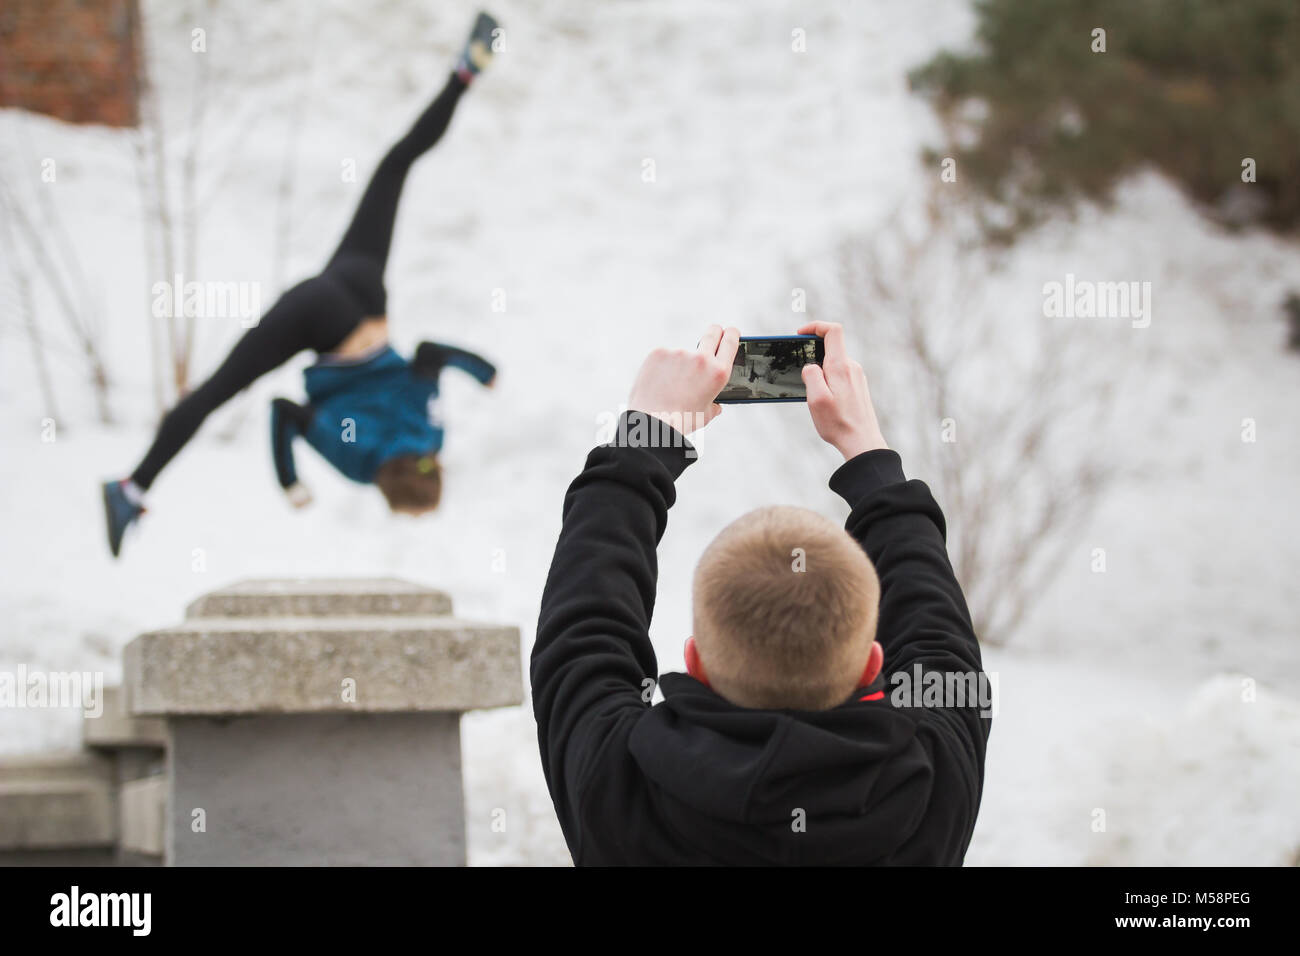 Photo sur smartphone adolescent fait de saut acrobatique girl in winter city park - parkour concept Photo Stock